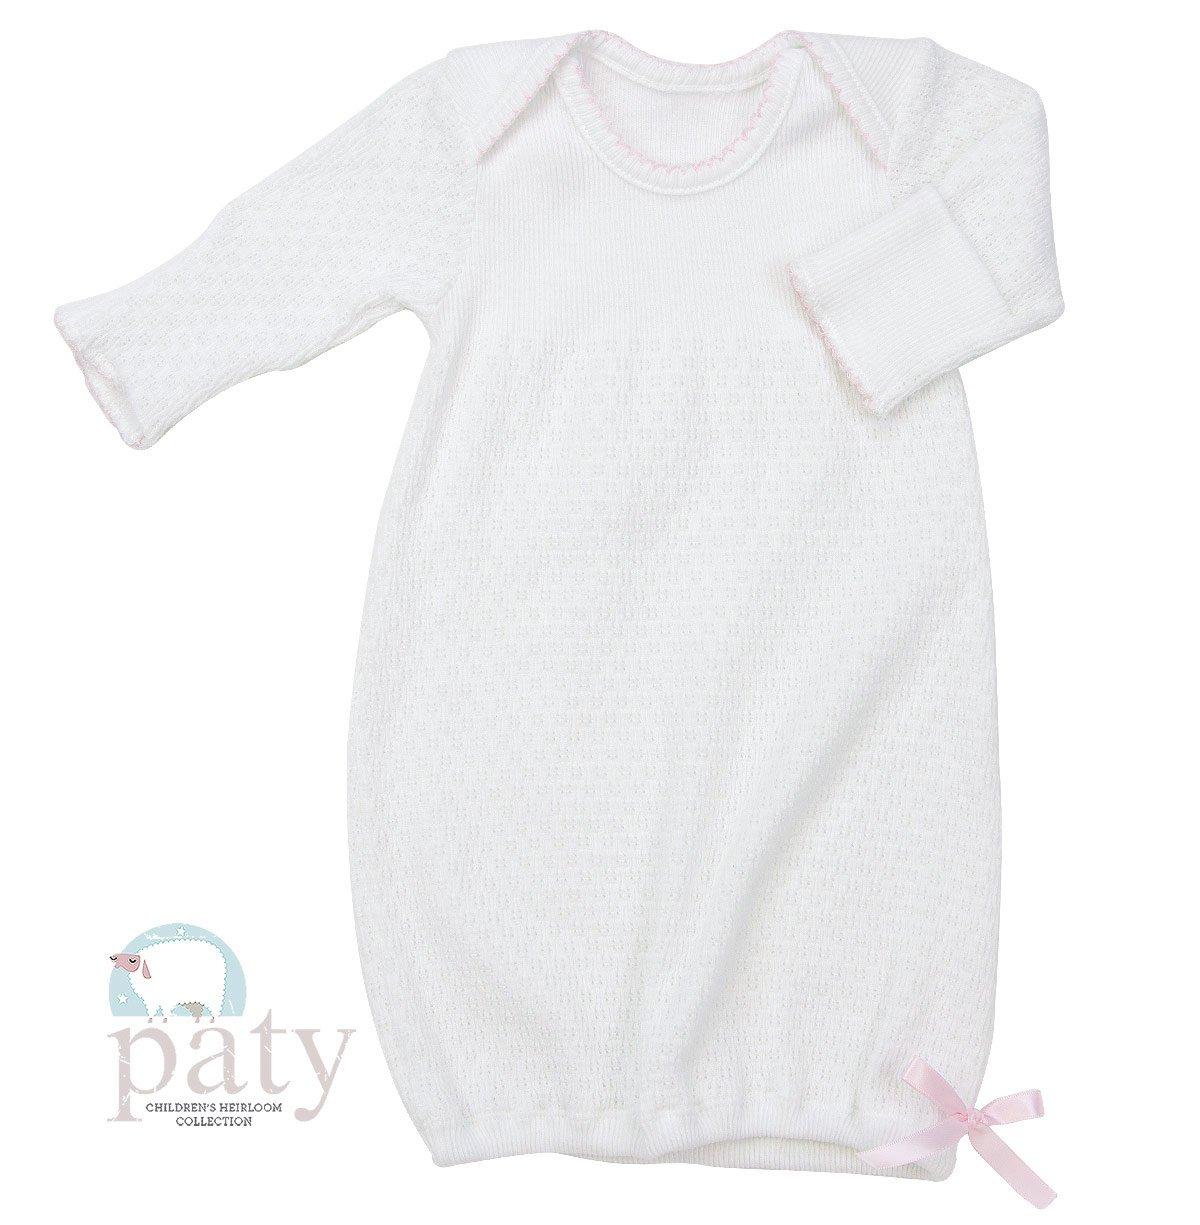 Paty Niñas Lap Hombro vestidos de novia w/rosa Trim rosa rosa Talla:recién nacido Paty Inc 115